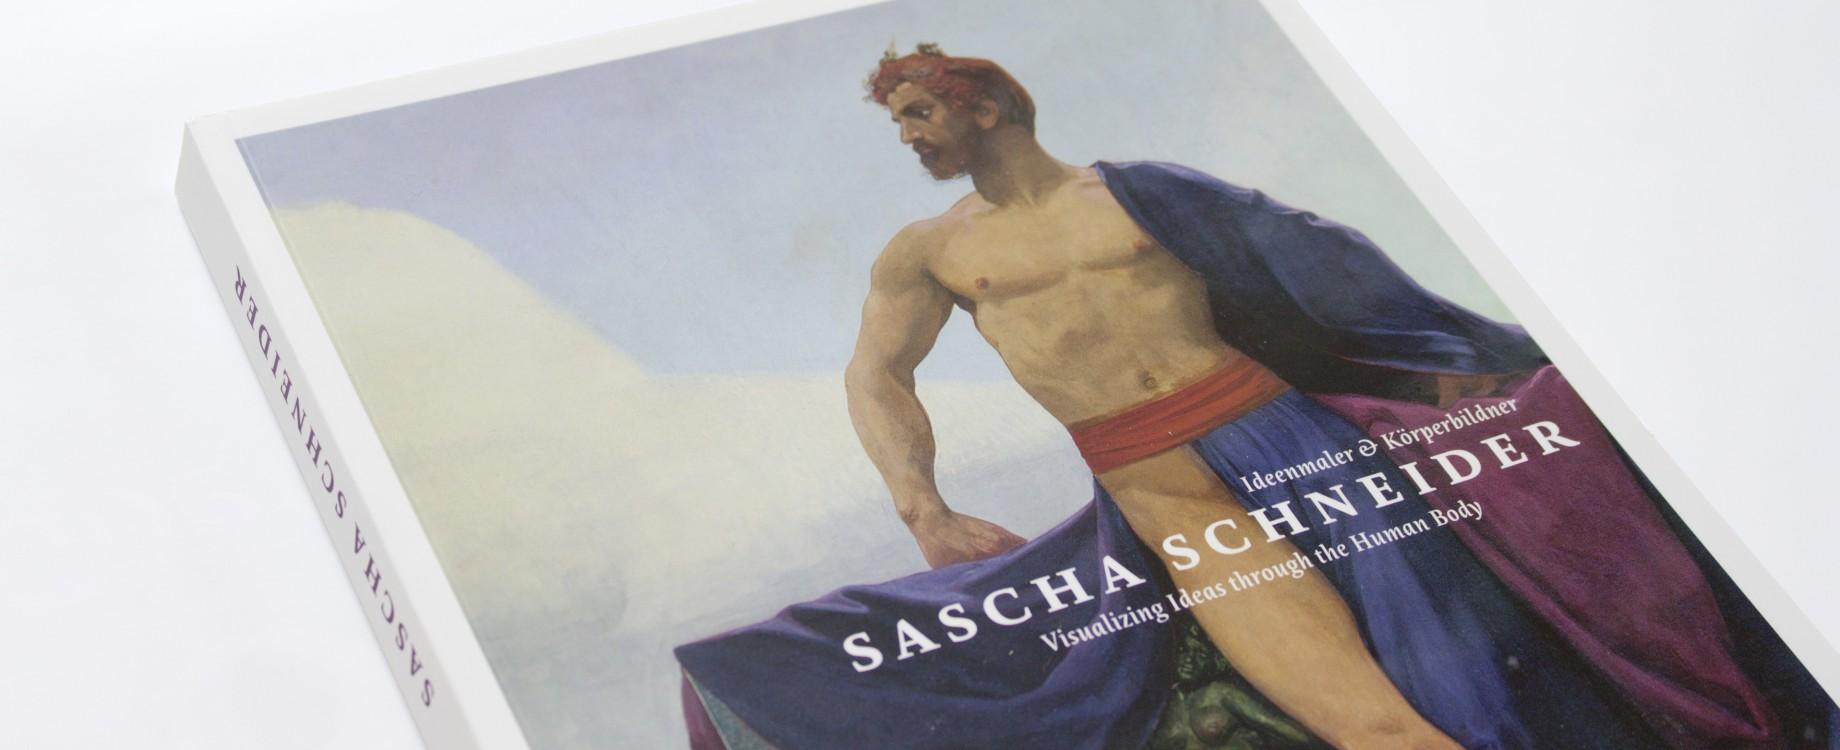 Sascha Schneider ·zweisprachiger Ausstellungskatalog